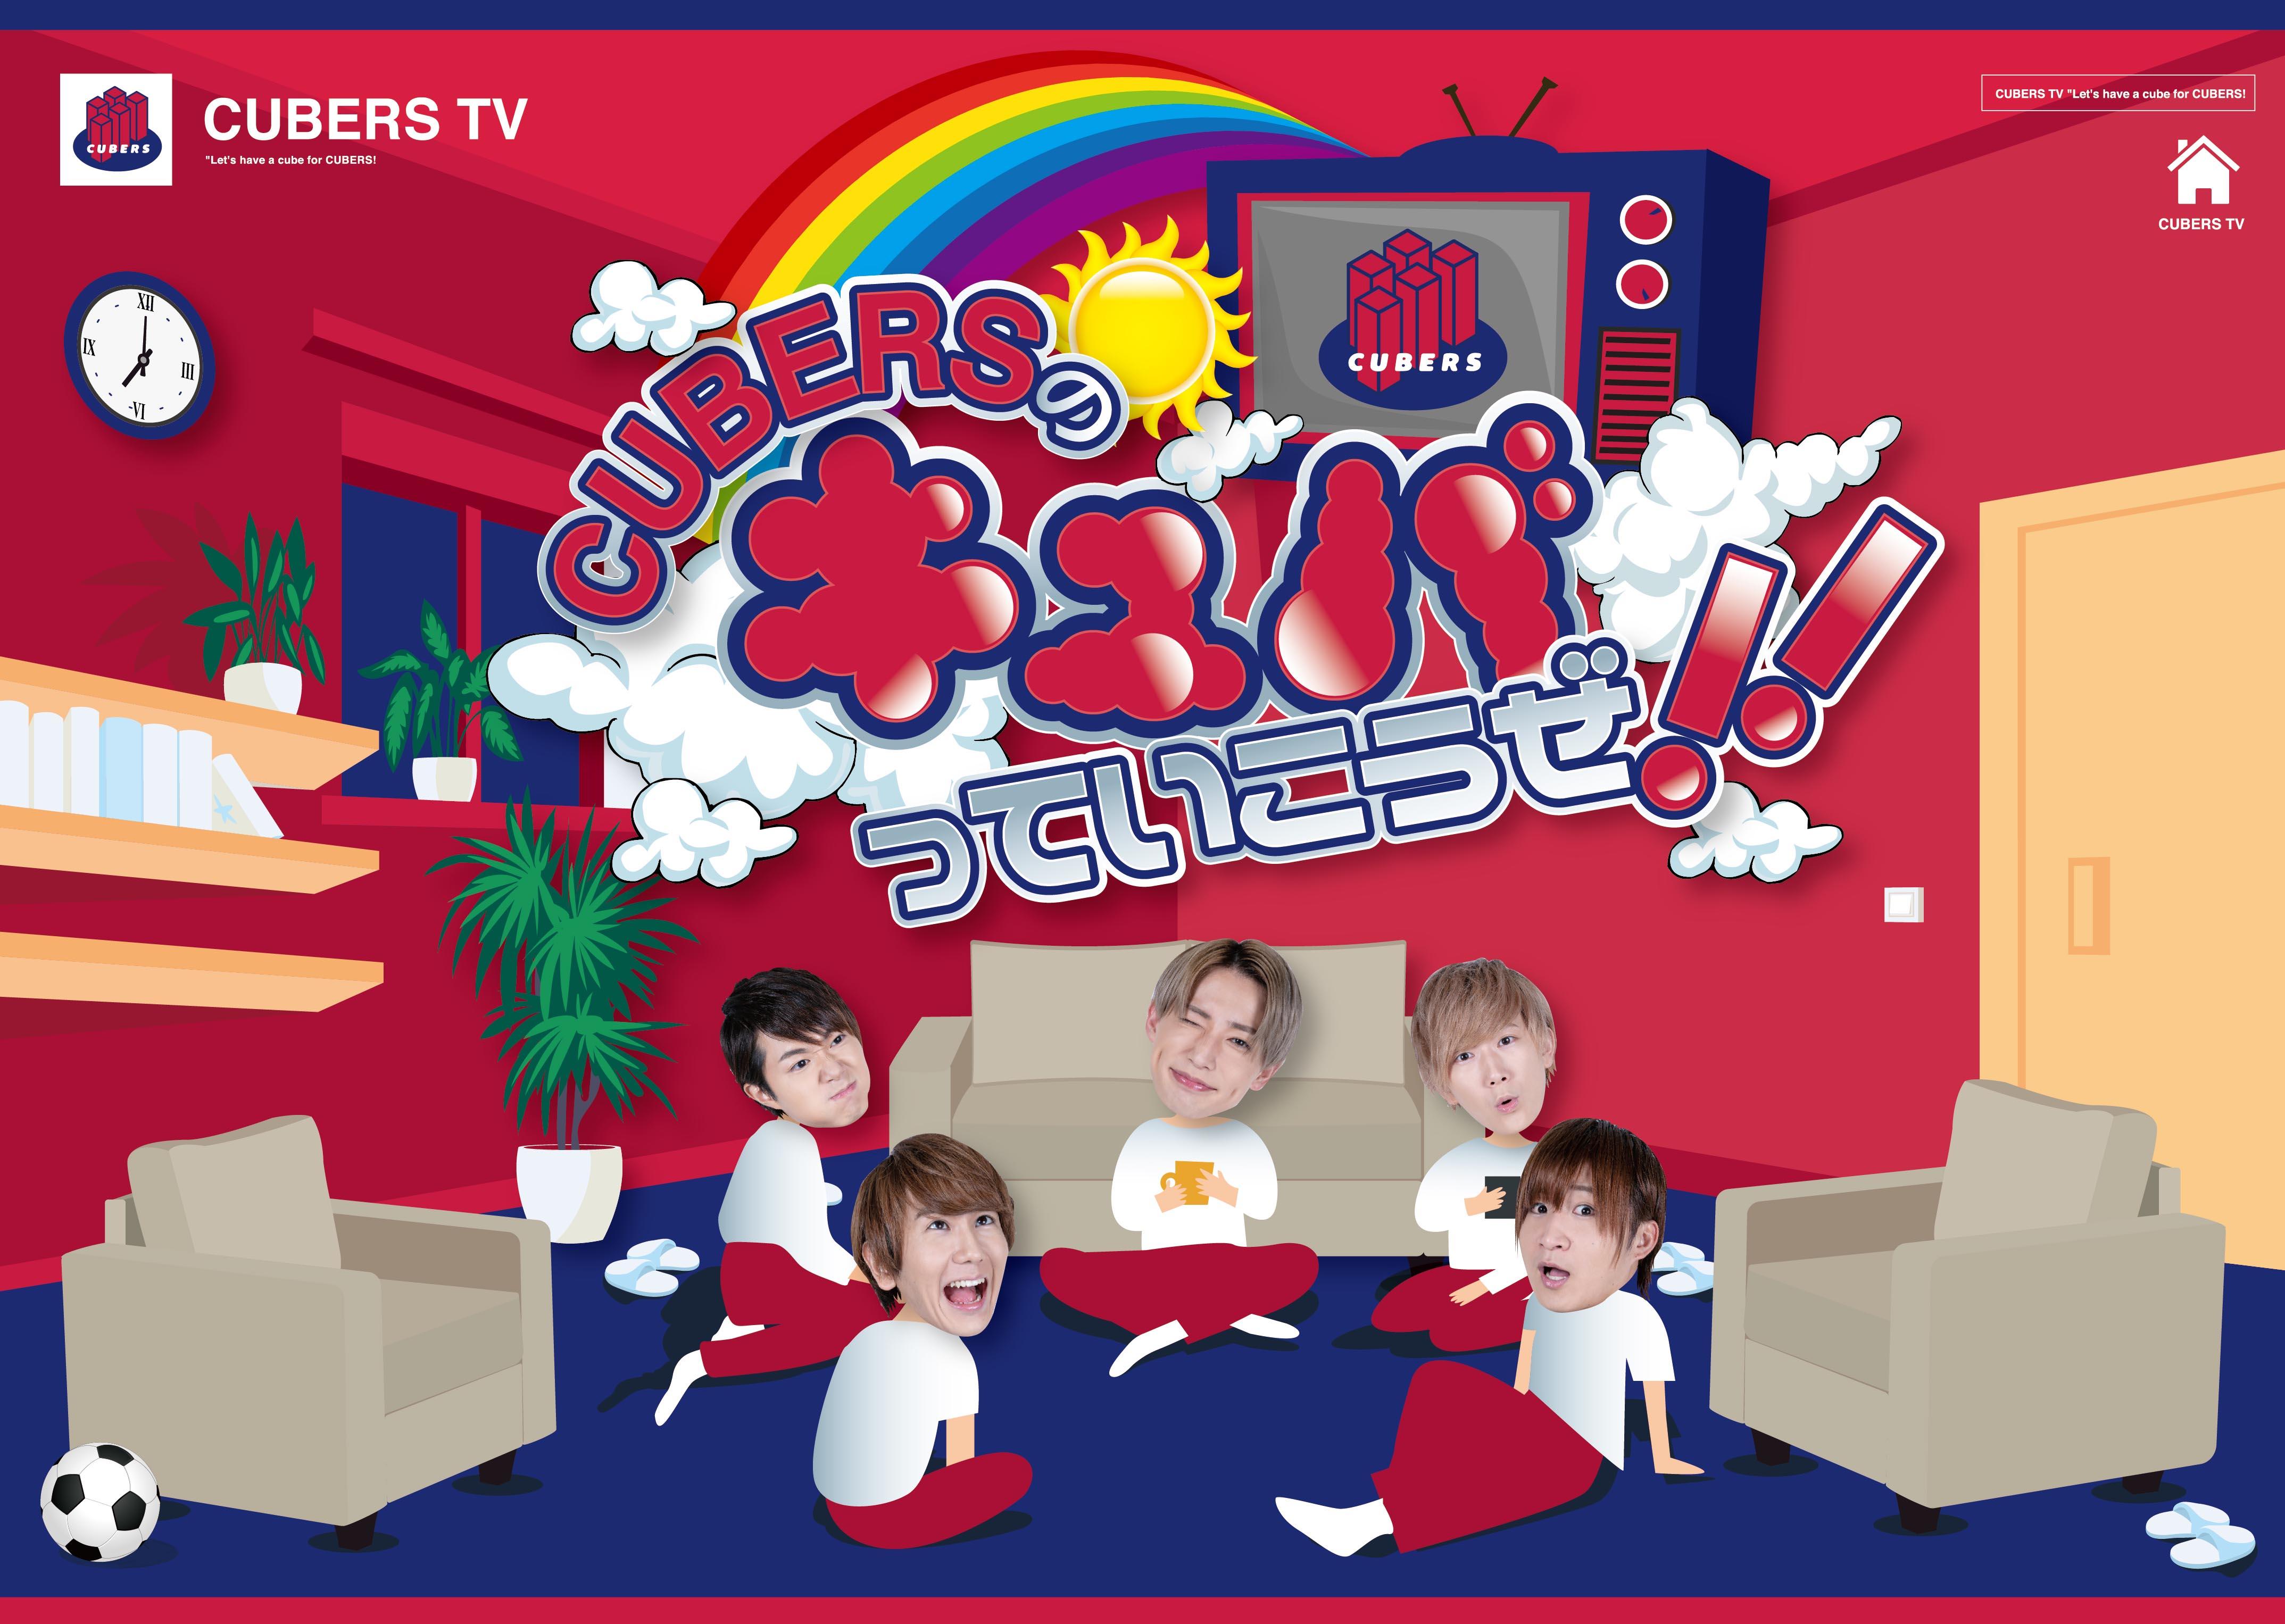 ★☆LINE LIVEでレギュラー番組「CUBERSのキュバっていこうぜ!! 」スタート ★☆